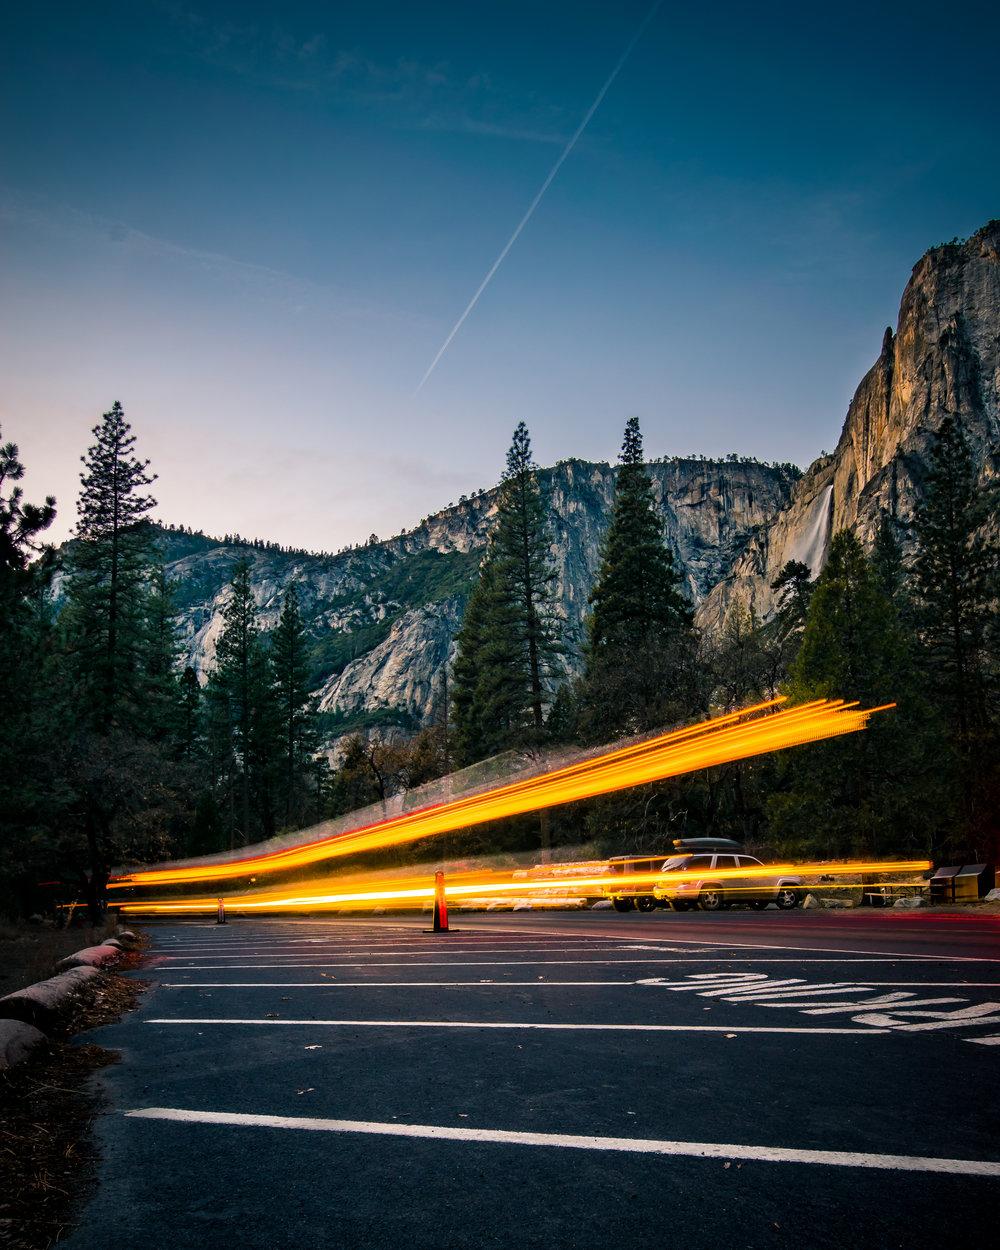 2017_12_09_Yosemite_00001.jpg